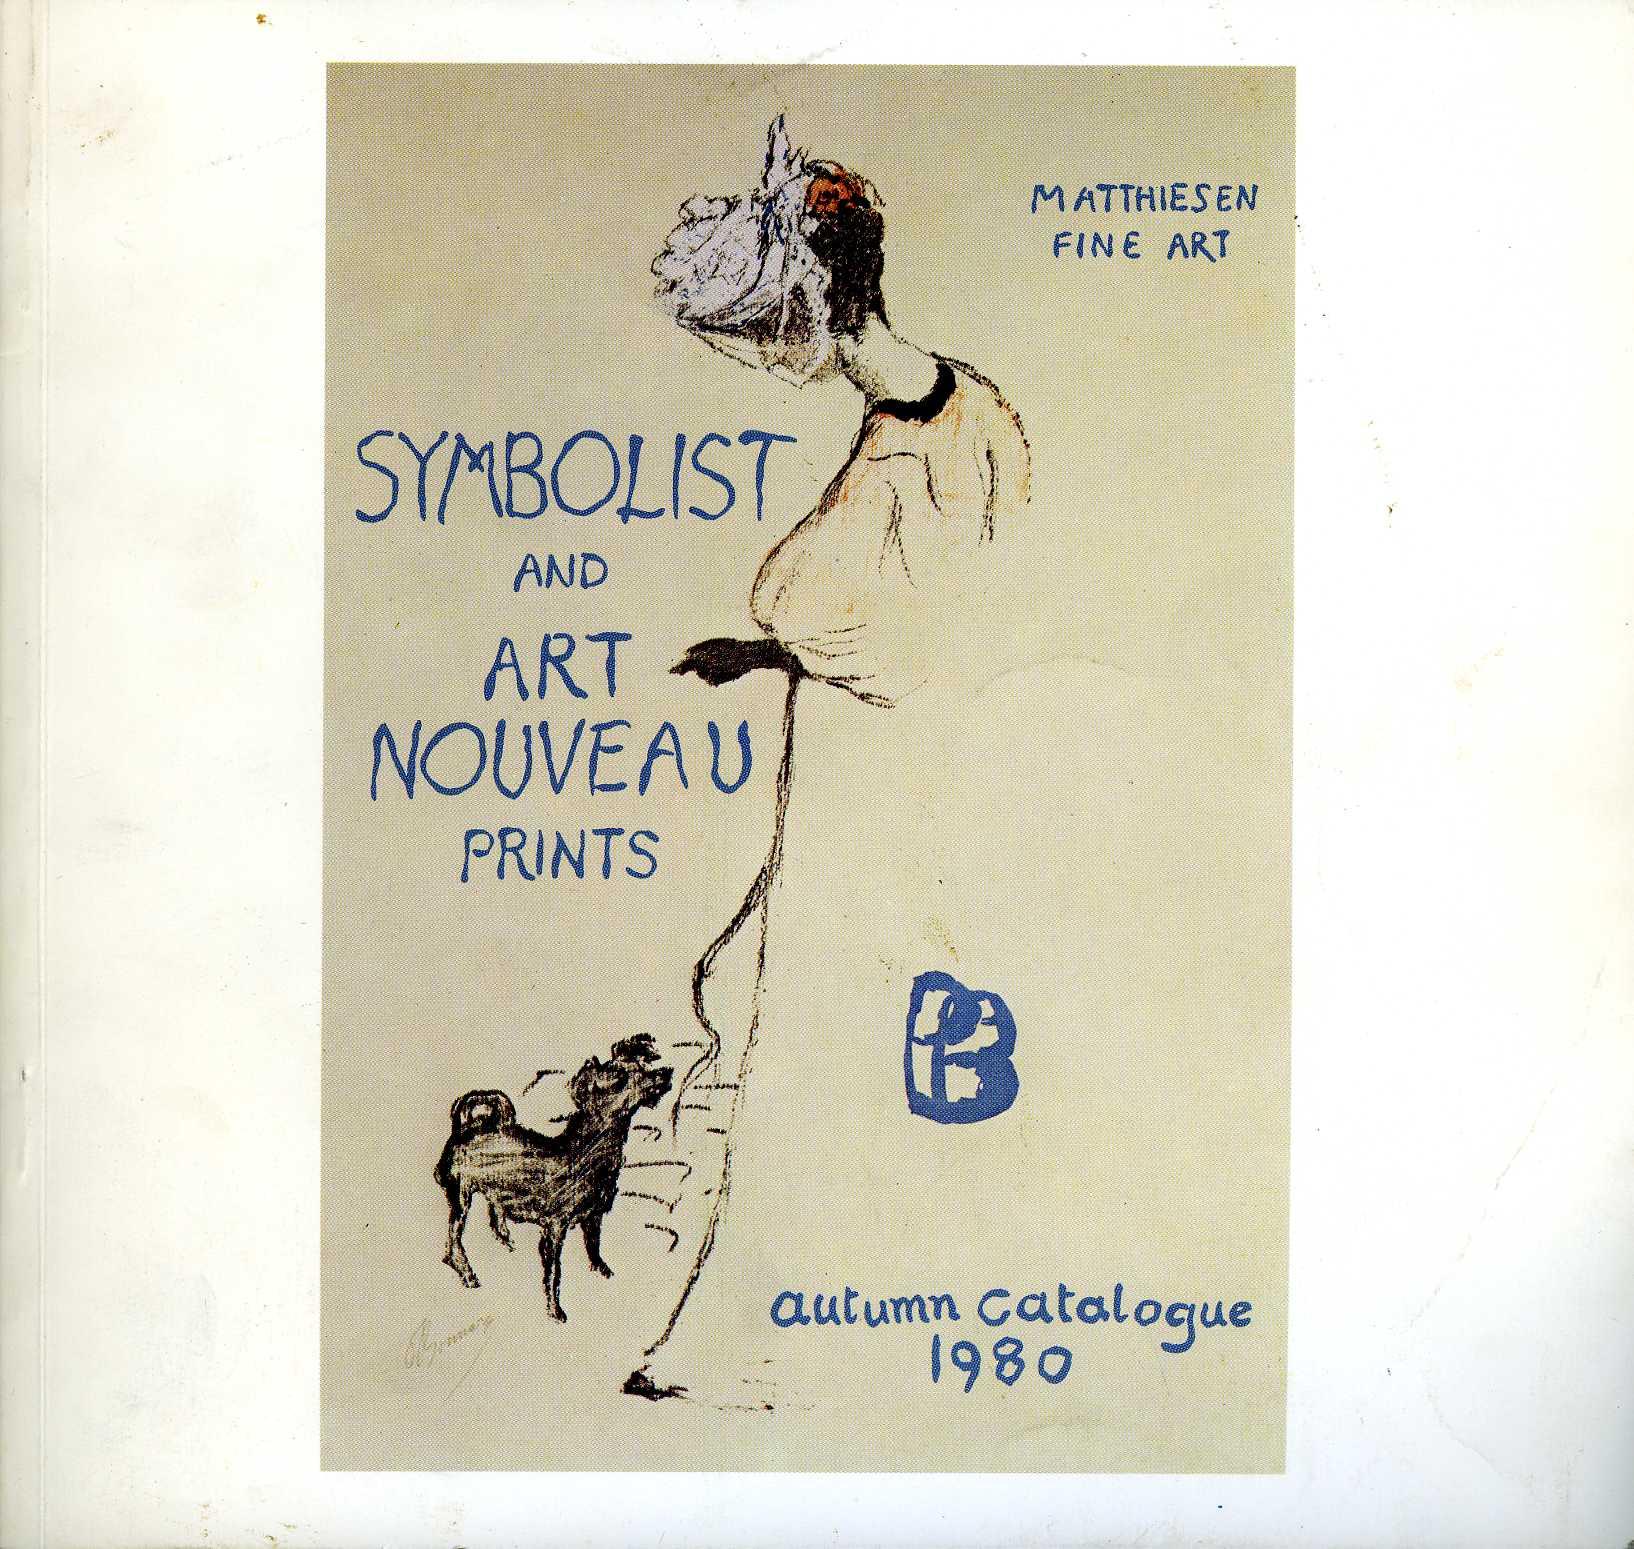 1980-Symbolist and Art Nouveau Prints-Autumn Catalogue.